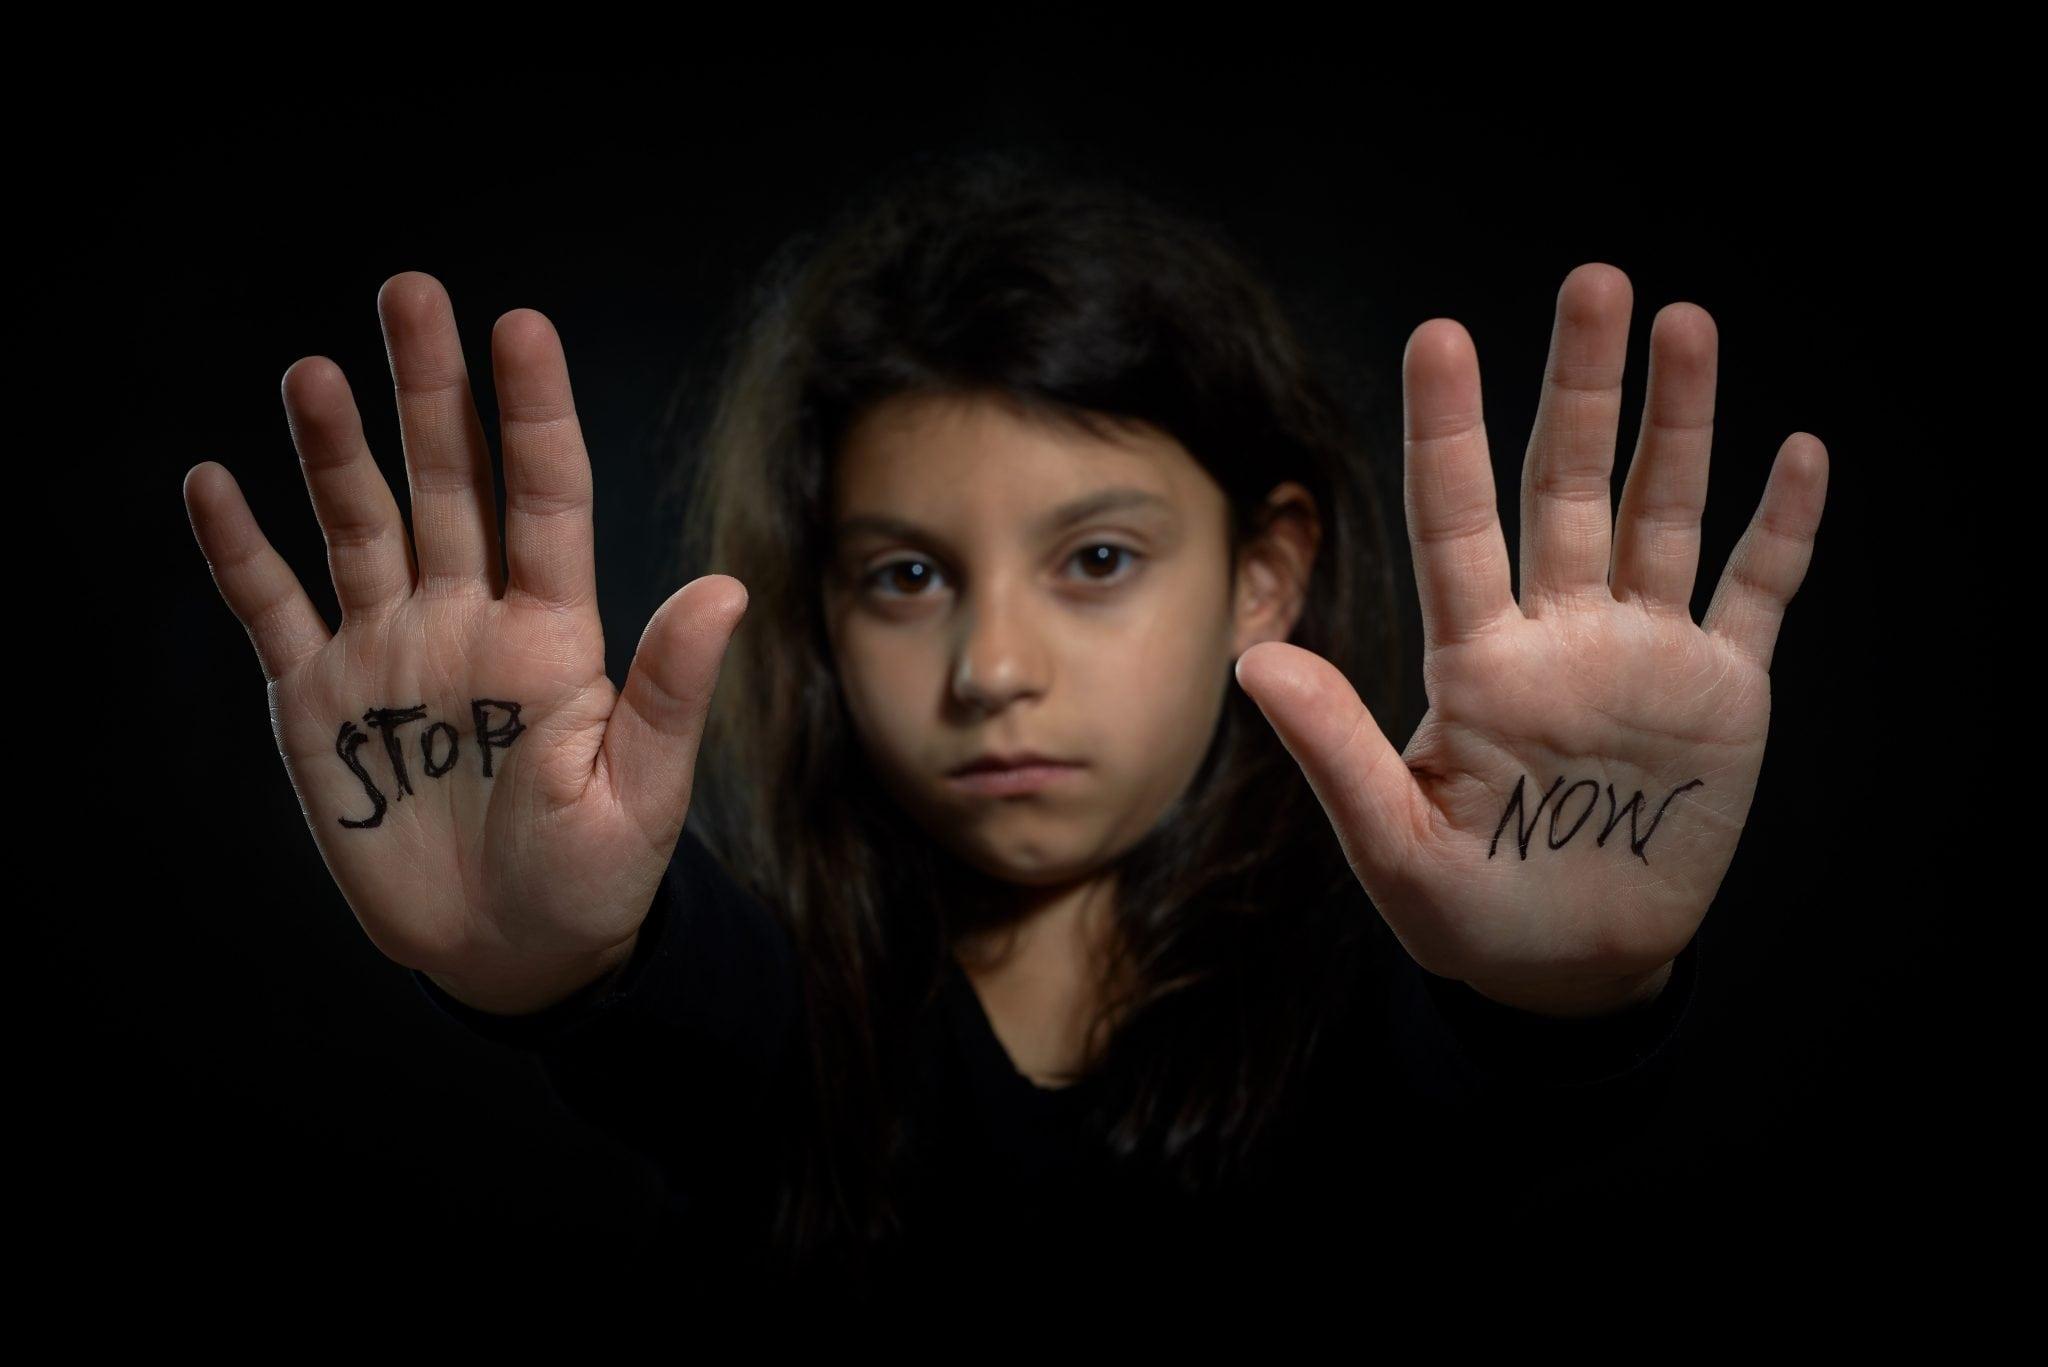 הטרדות מיניות מצרים